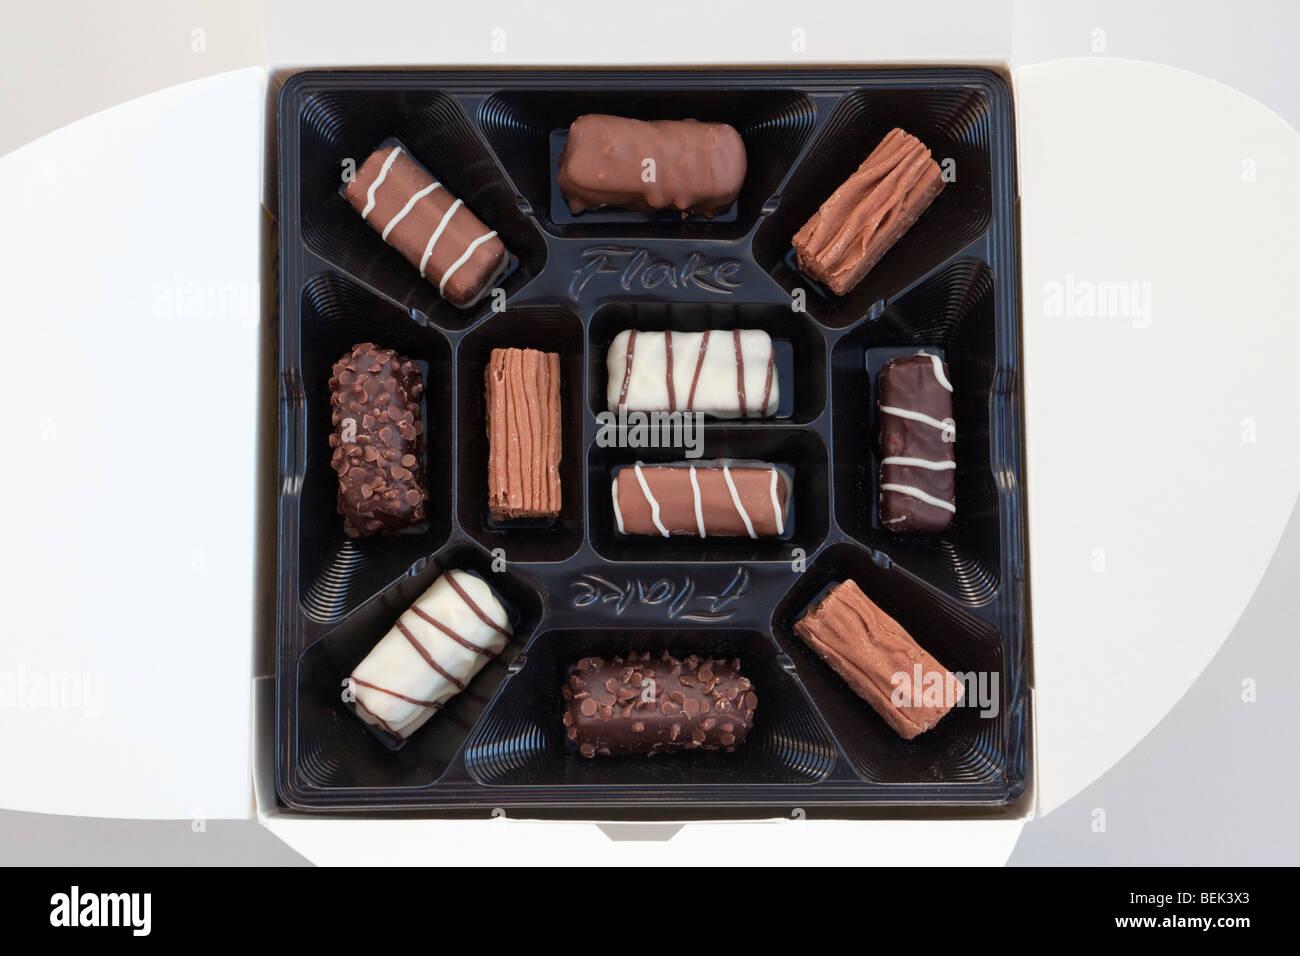 De arriba a abajo de una caja de chocolates Cadbury's Flake en envases de plástico moldeado desde arriba. Imagen De Stock